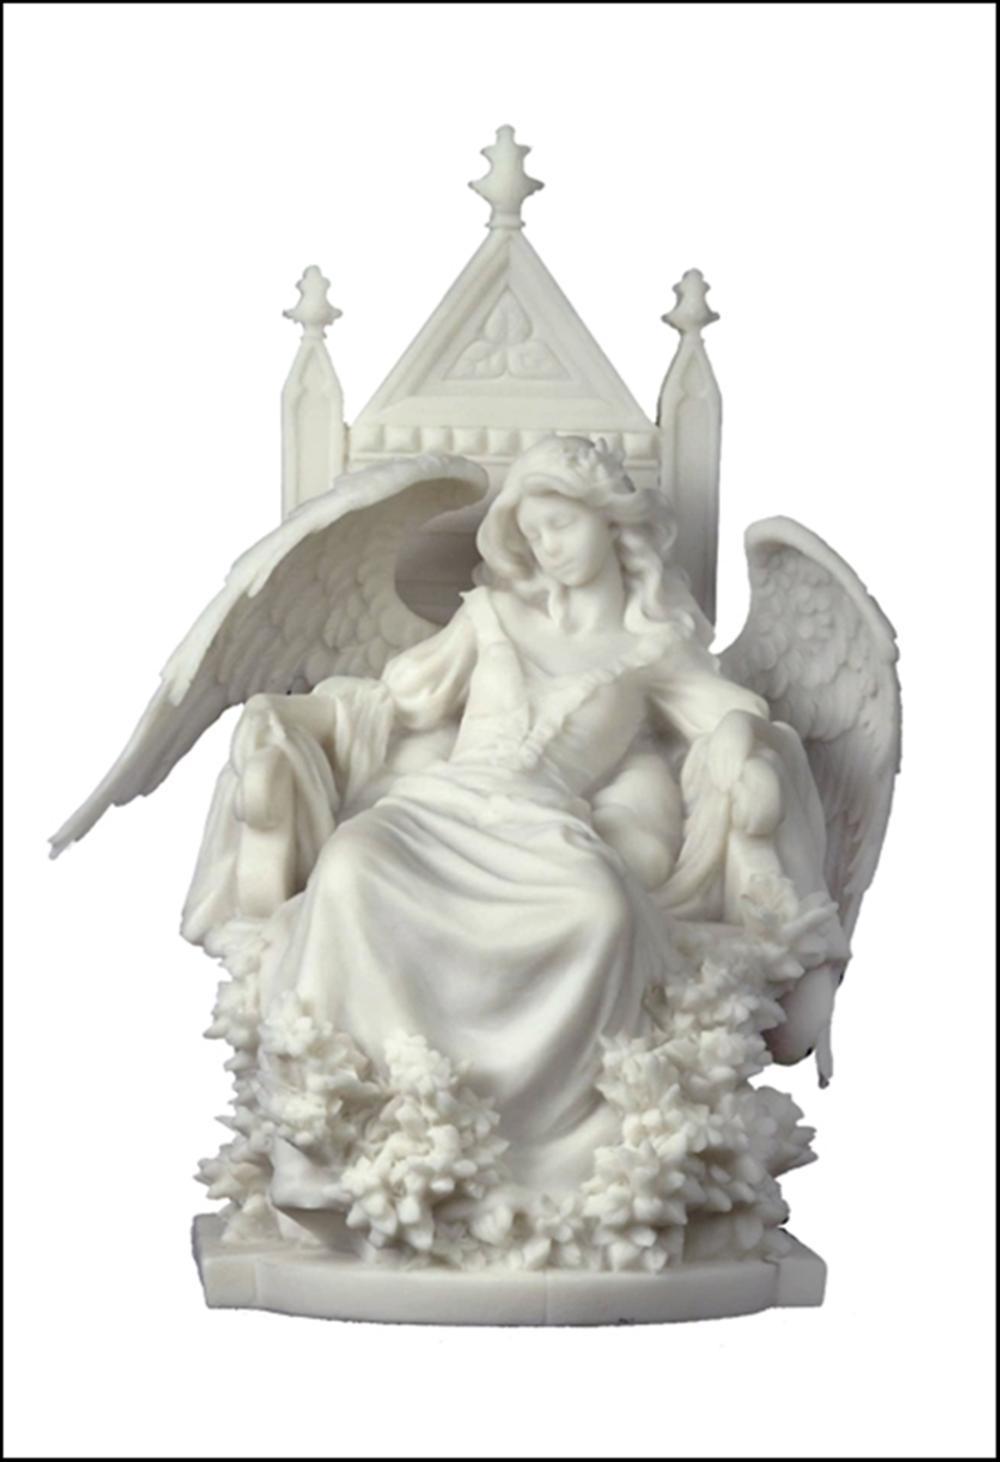 FEMALE GOTHIC ANGEL SLEEPING IN A THRONE